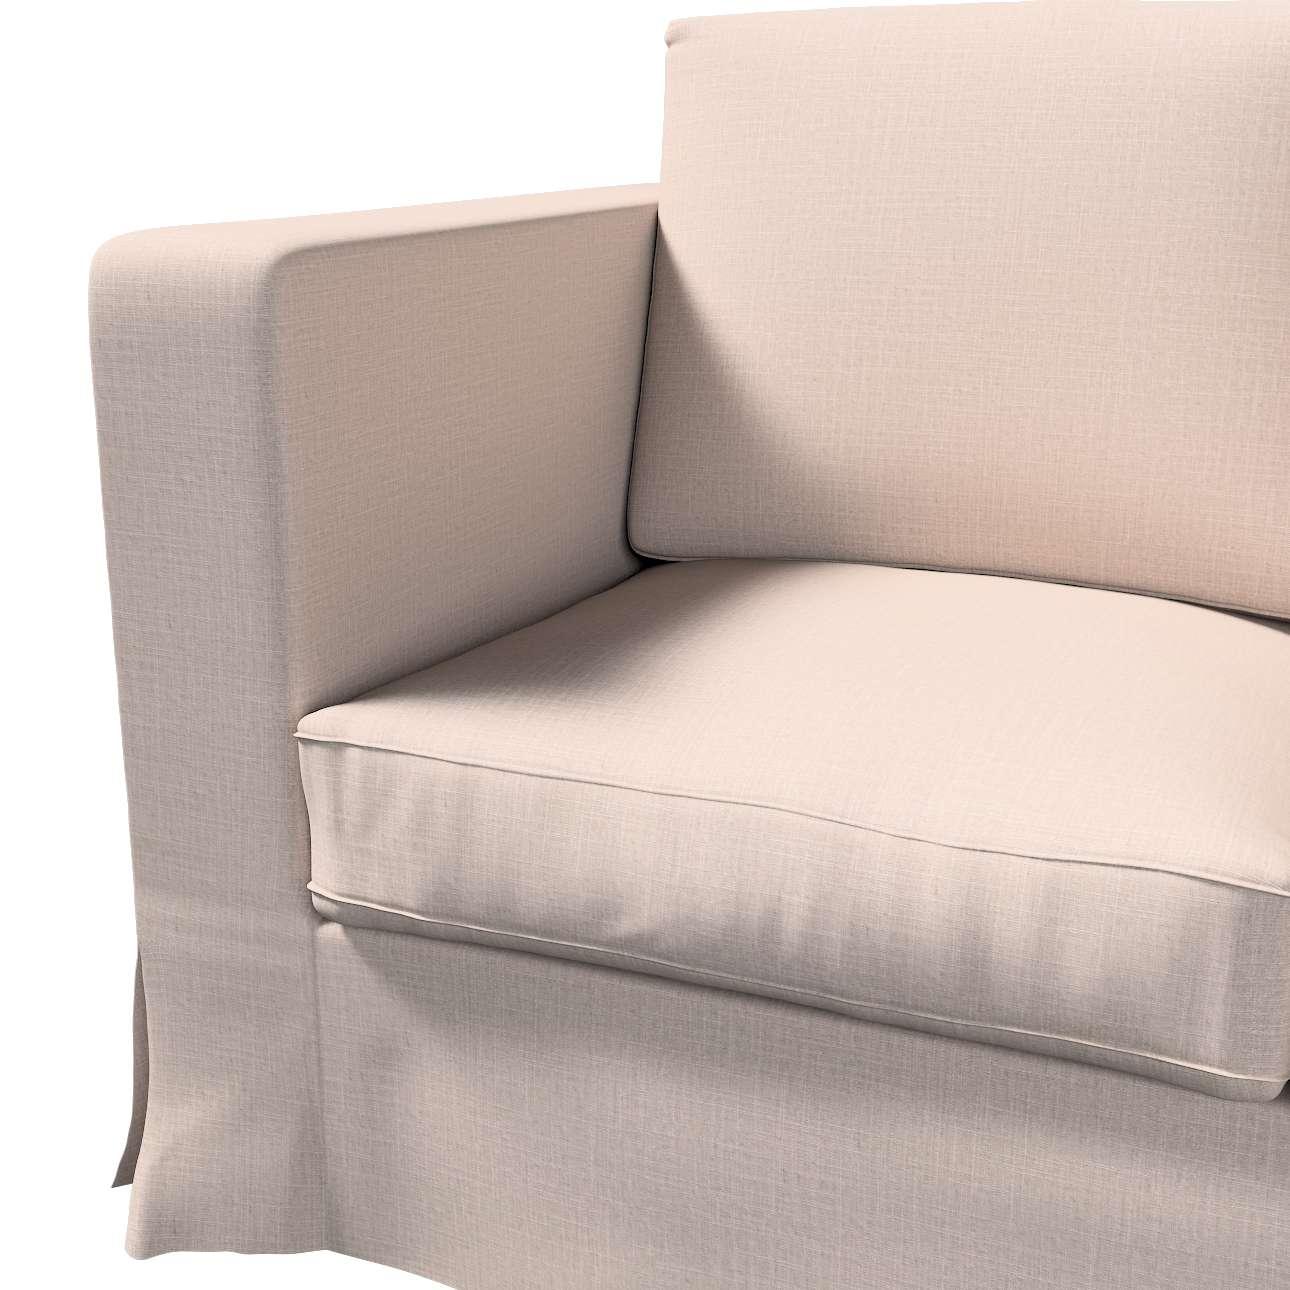 Karlanda klädsel 3-sits soffa - lång i kollektionen Living 2, Tyg: 160-85